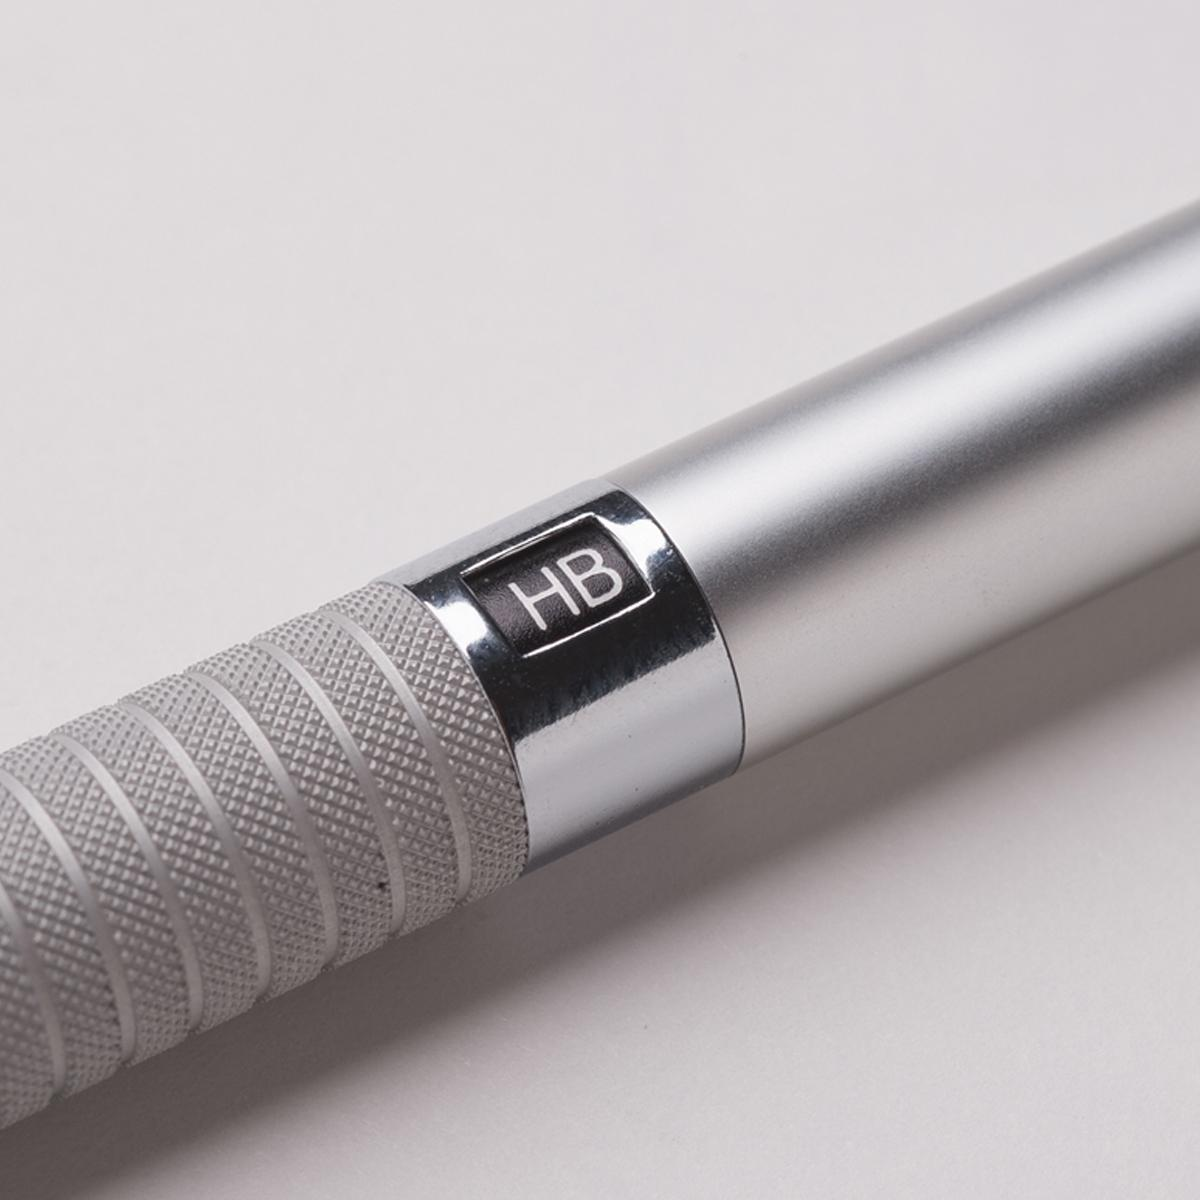 Чертежный карандаш Staedtler 925 индикатор градации грифеля.